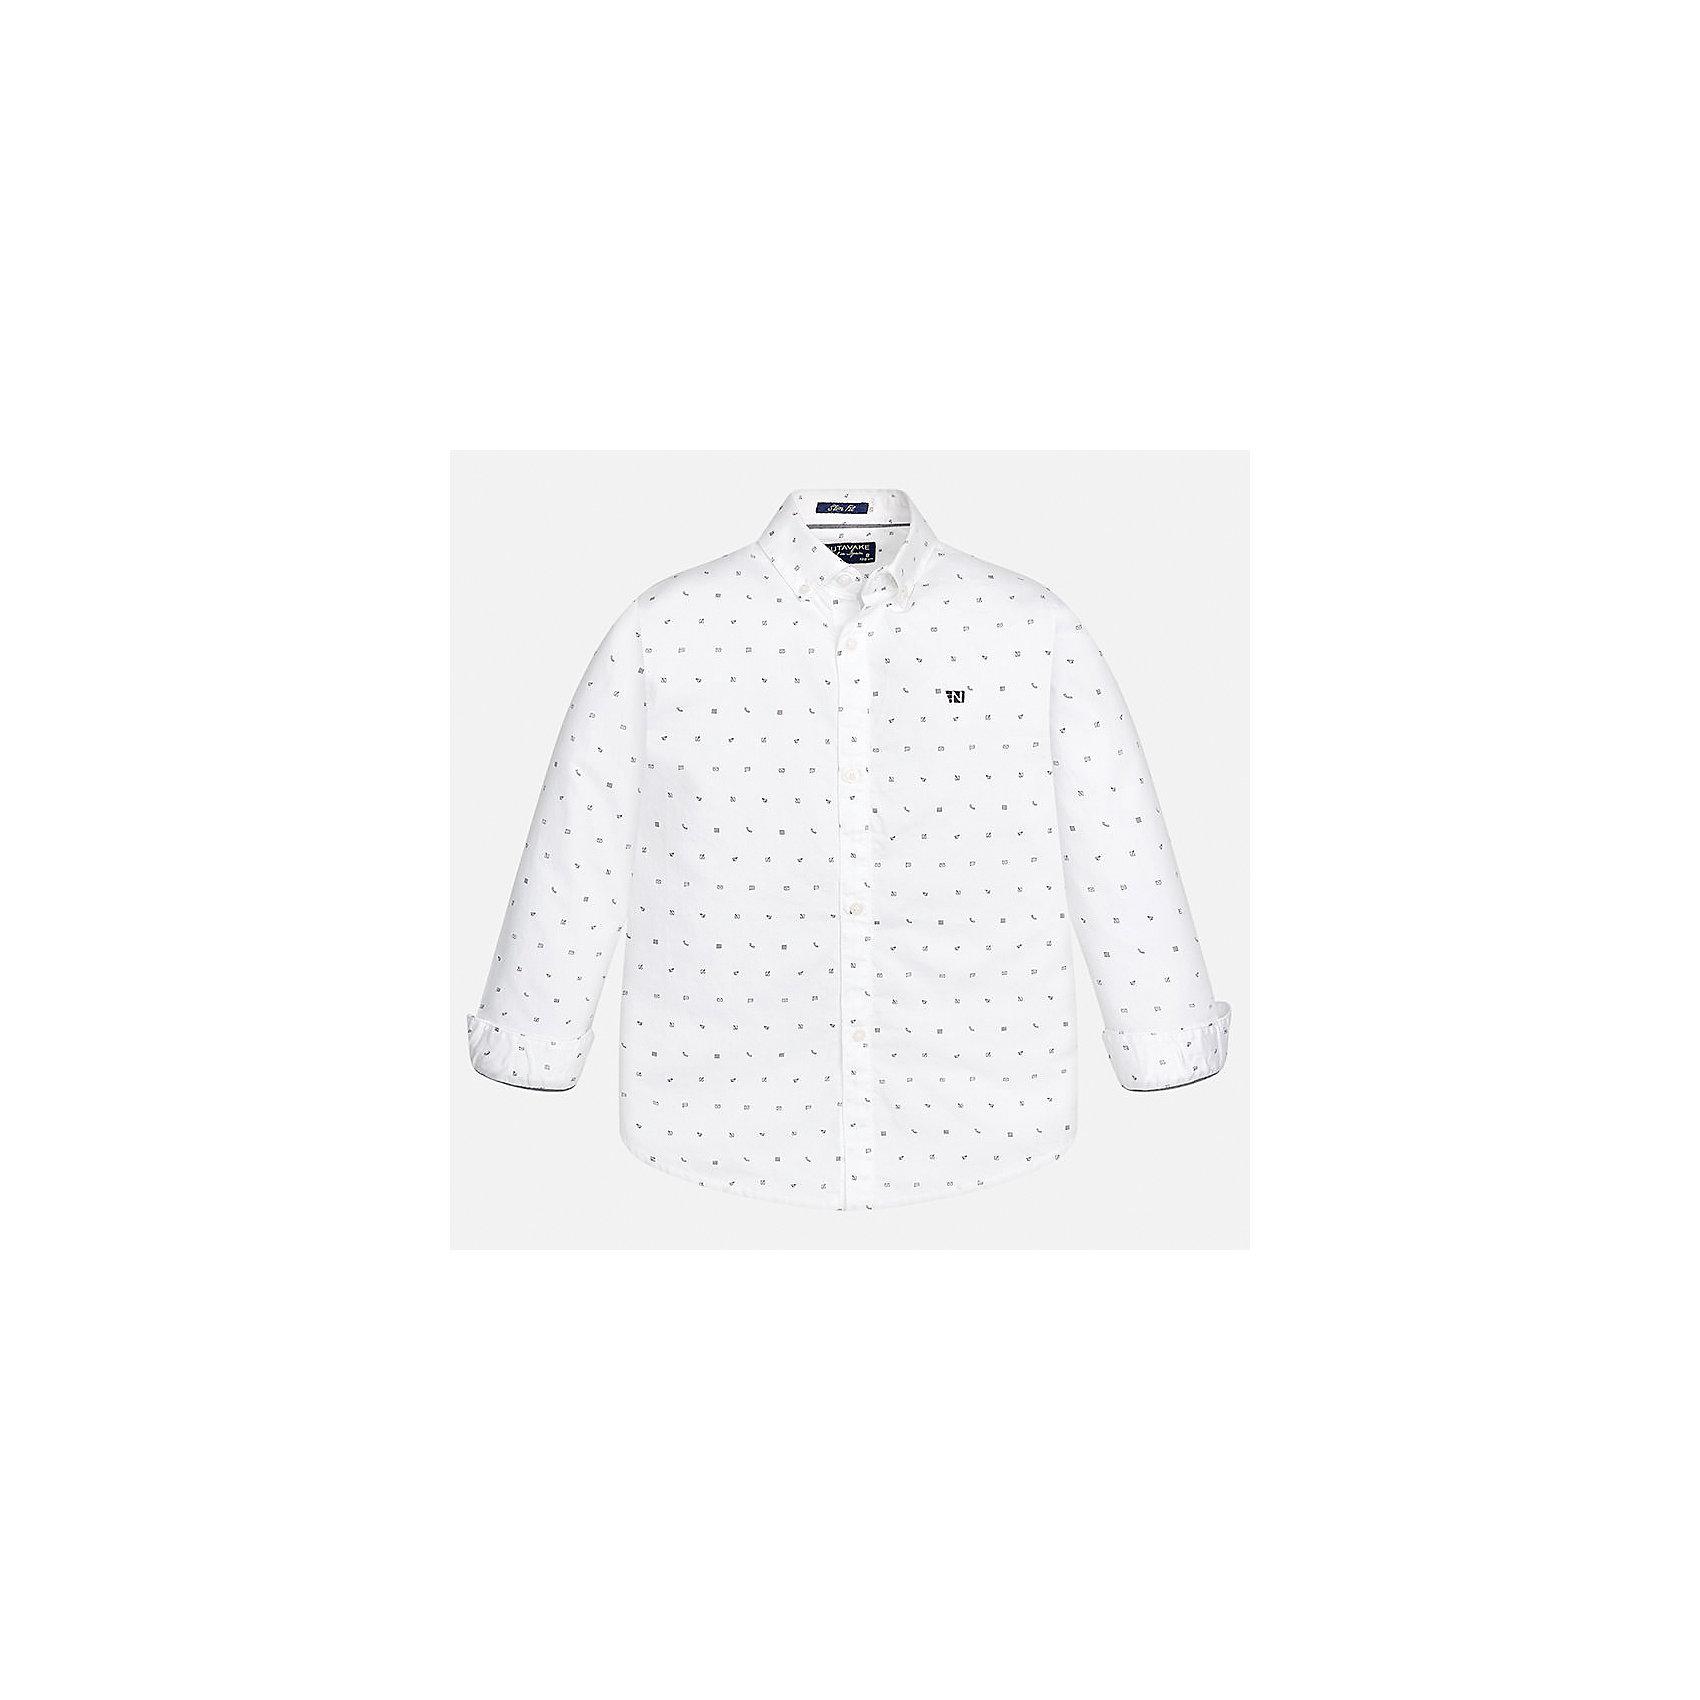 Рубашка для мальчика MayoralБлузки и рубашки<br>Характеристики товара:<br><br>• цвет: белый<br>• состав ткани: 100% хлопок<br>• сезон: демисезон<br>• особенности модели: школьная<br>• застежка: пуговицы<br>• длинные рукава<br>• страна бренда: Испания<br>• страна изготовитель: Индия<br><br>Белая детская рубашка сделана из дышащего приятного на ощупь материала. Благодаря продуманному крою детской рубашки создаются комфортные условия для тела. Рубашка с длинным рукавом для мальчика отличается стильным продуманным дизайном.<br><br>Рубашку для мальчика Mayoral (Майорал) можно купить в нашем интернет-магазине.<br><br>Ширина мм: 174<br>Глубина мм: 10<br>Высота мм: 169<br>Вес г: 157<br>Цвет: белый<br>Возраст от месяцев: 168<br>Возраст до месяцев: 180<br>Пол: Мужской<br>Возраст: Детский<br>Размер: 170,128/134,140,152,158,164<br>SKU: 6933612